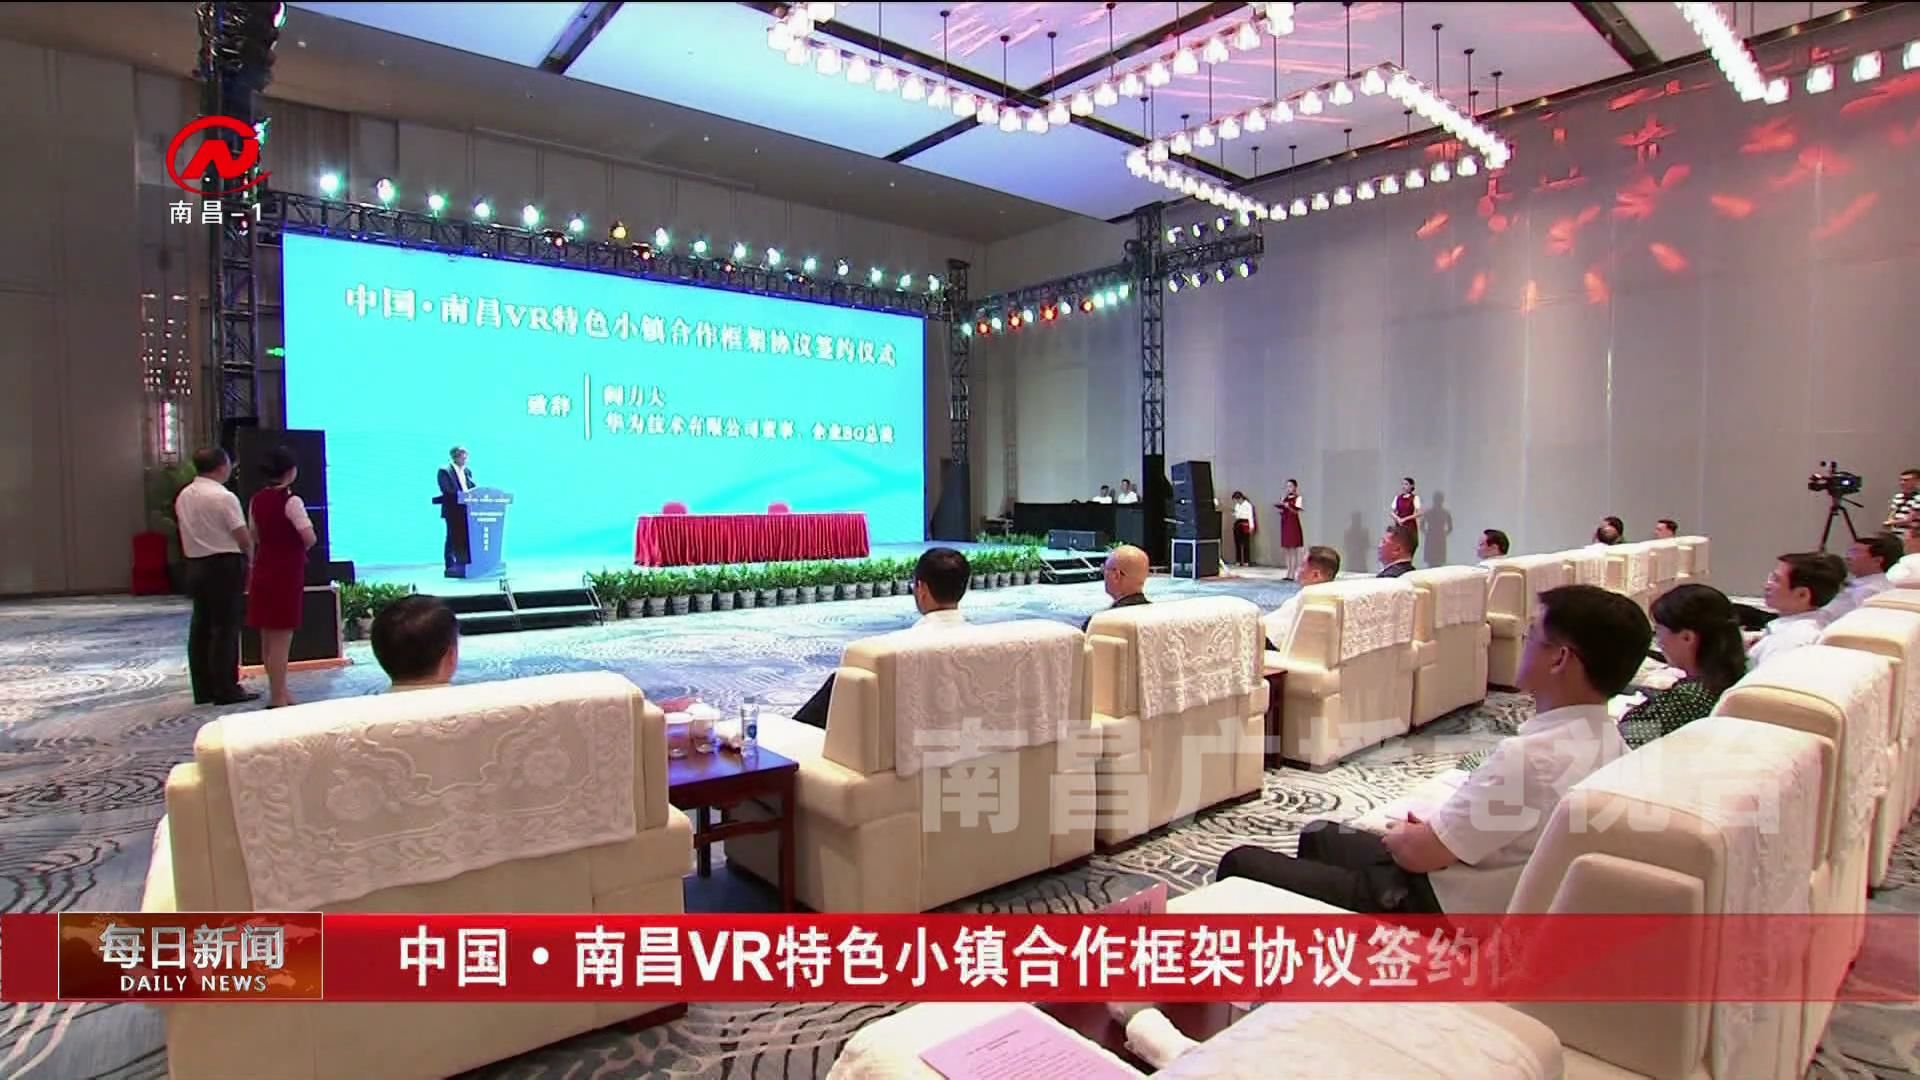 中國·南昌VR特色小鎮合作框架協議簽約儀式舉行